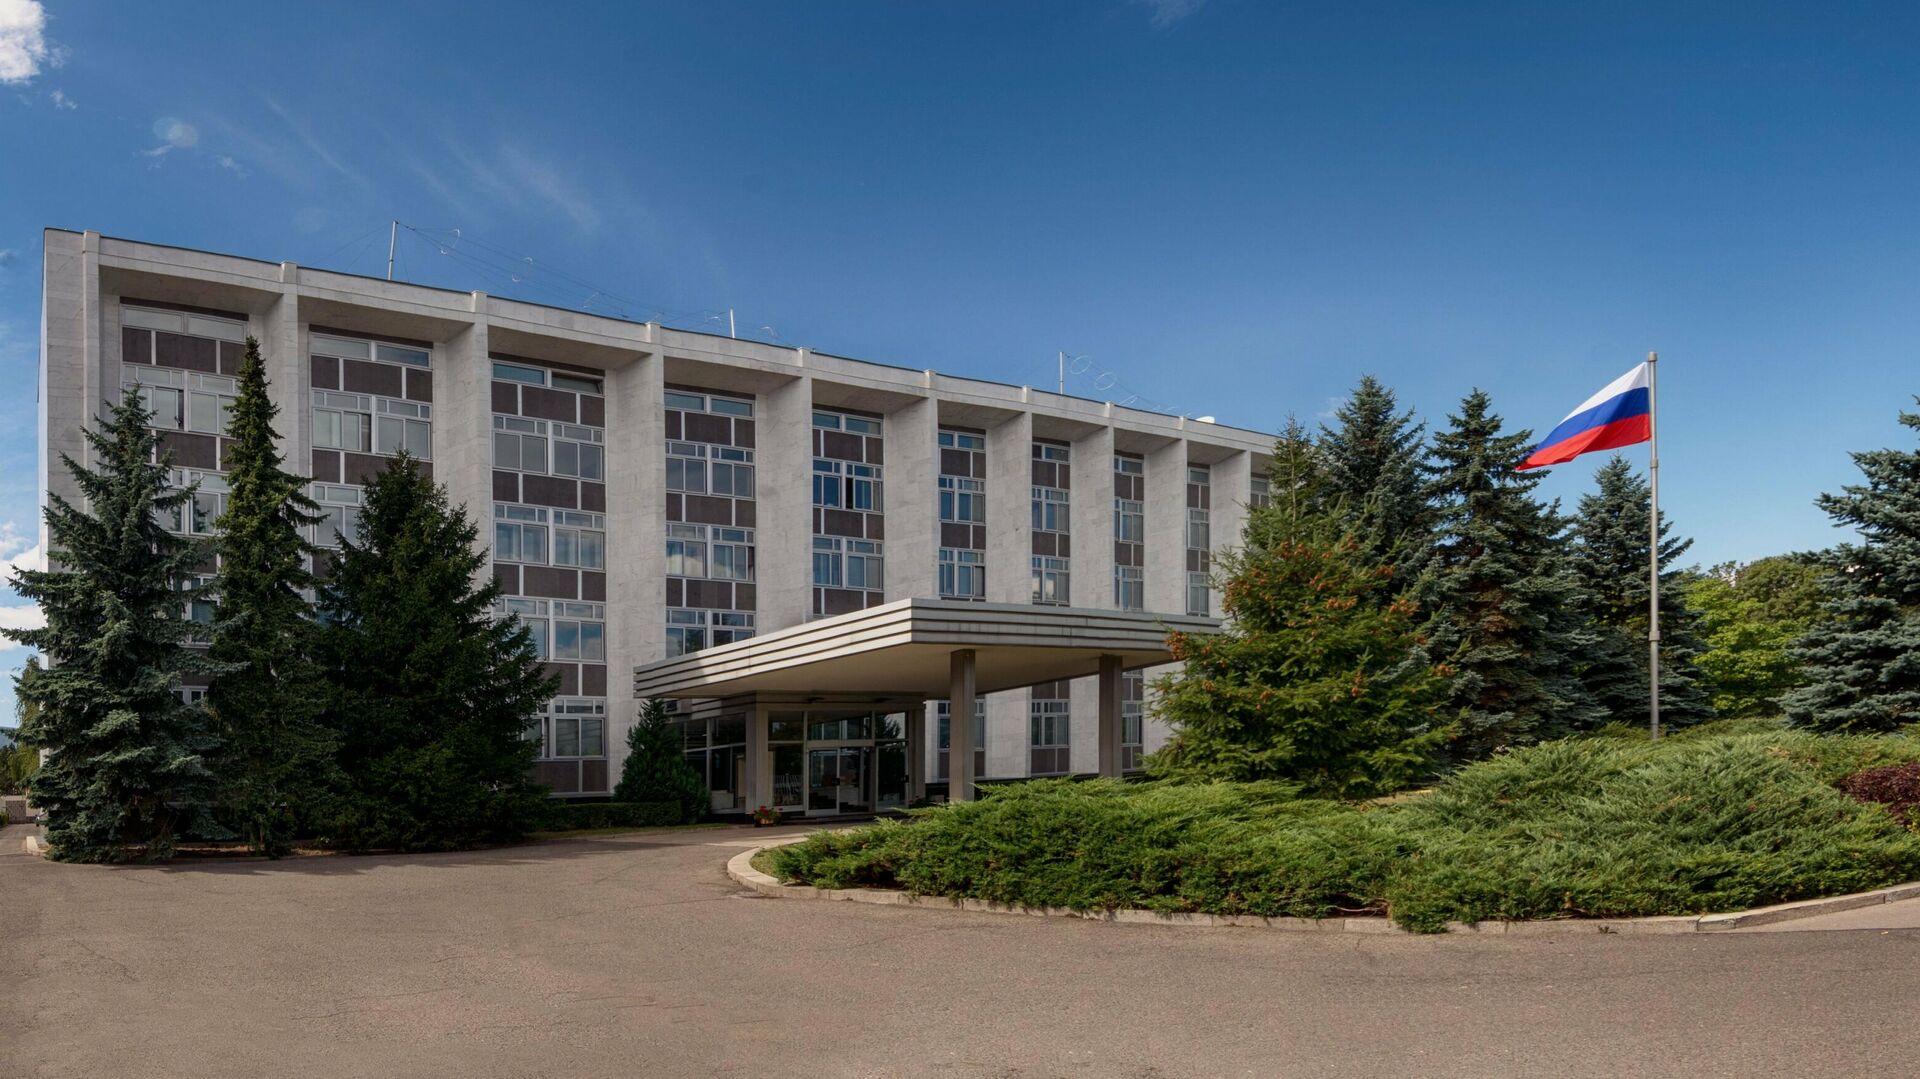 Здание Посольства Российской Федерации в Болгарии - РИА Новости, 1920, 28.04.2021